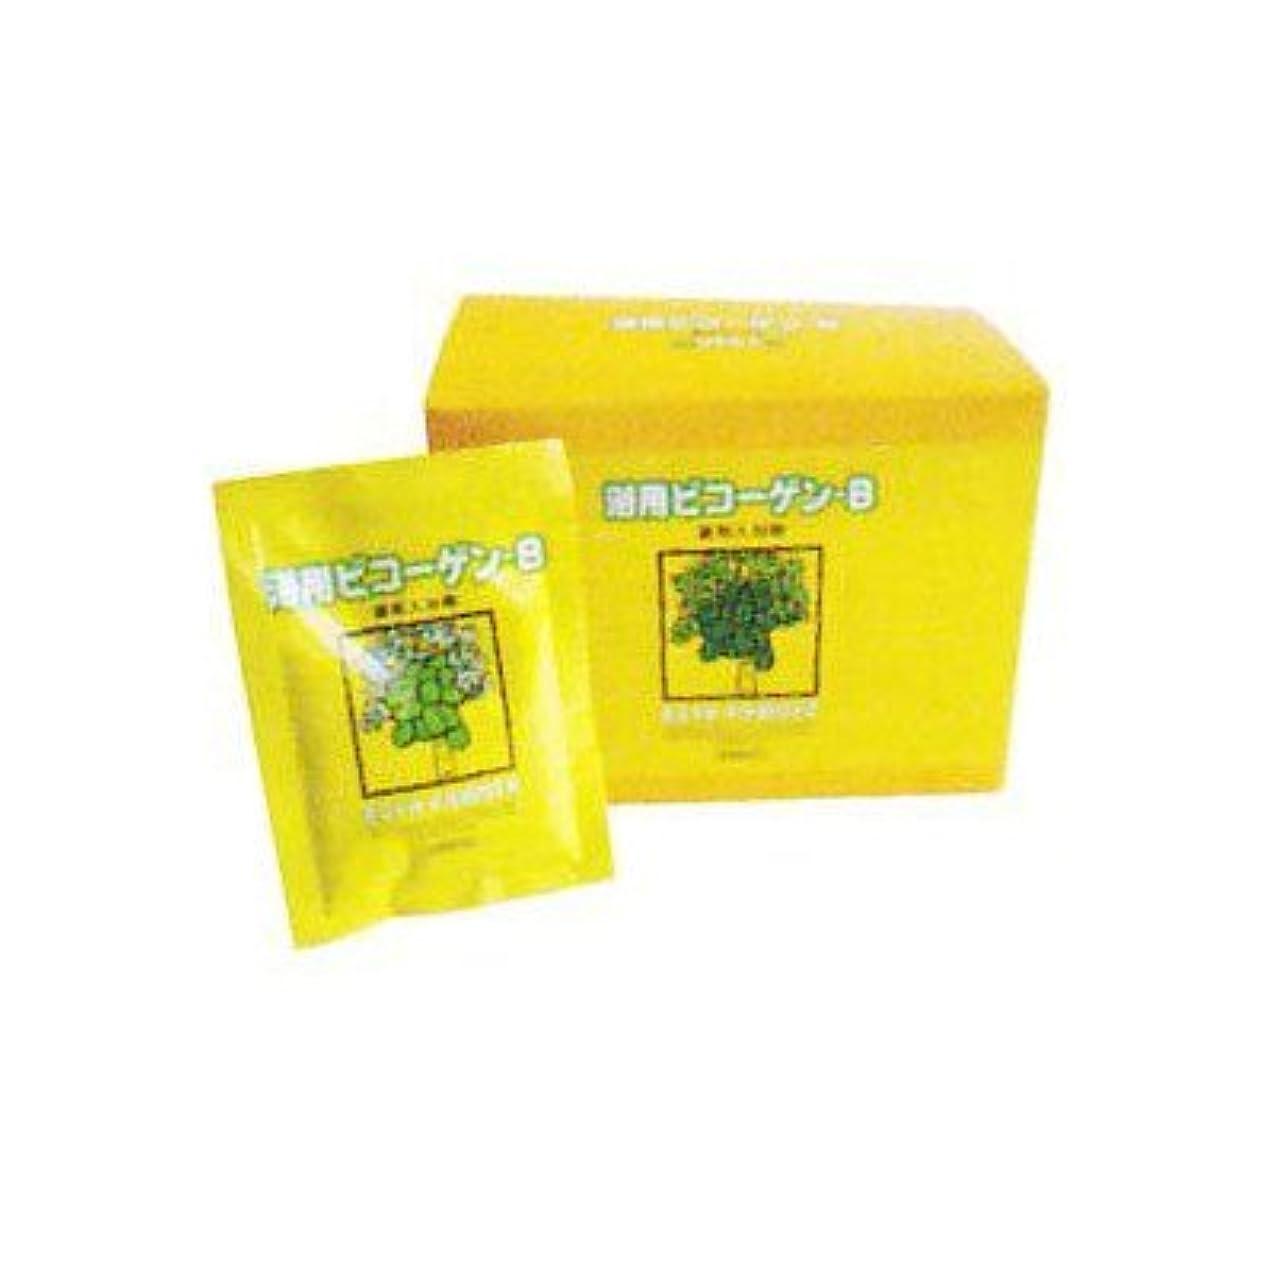 家事をする対引き出し酸素入浴剤 リアル 浴用 ビコーゲン B 分包タイプ a221074